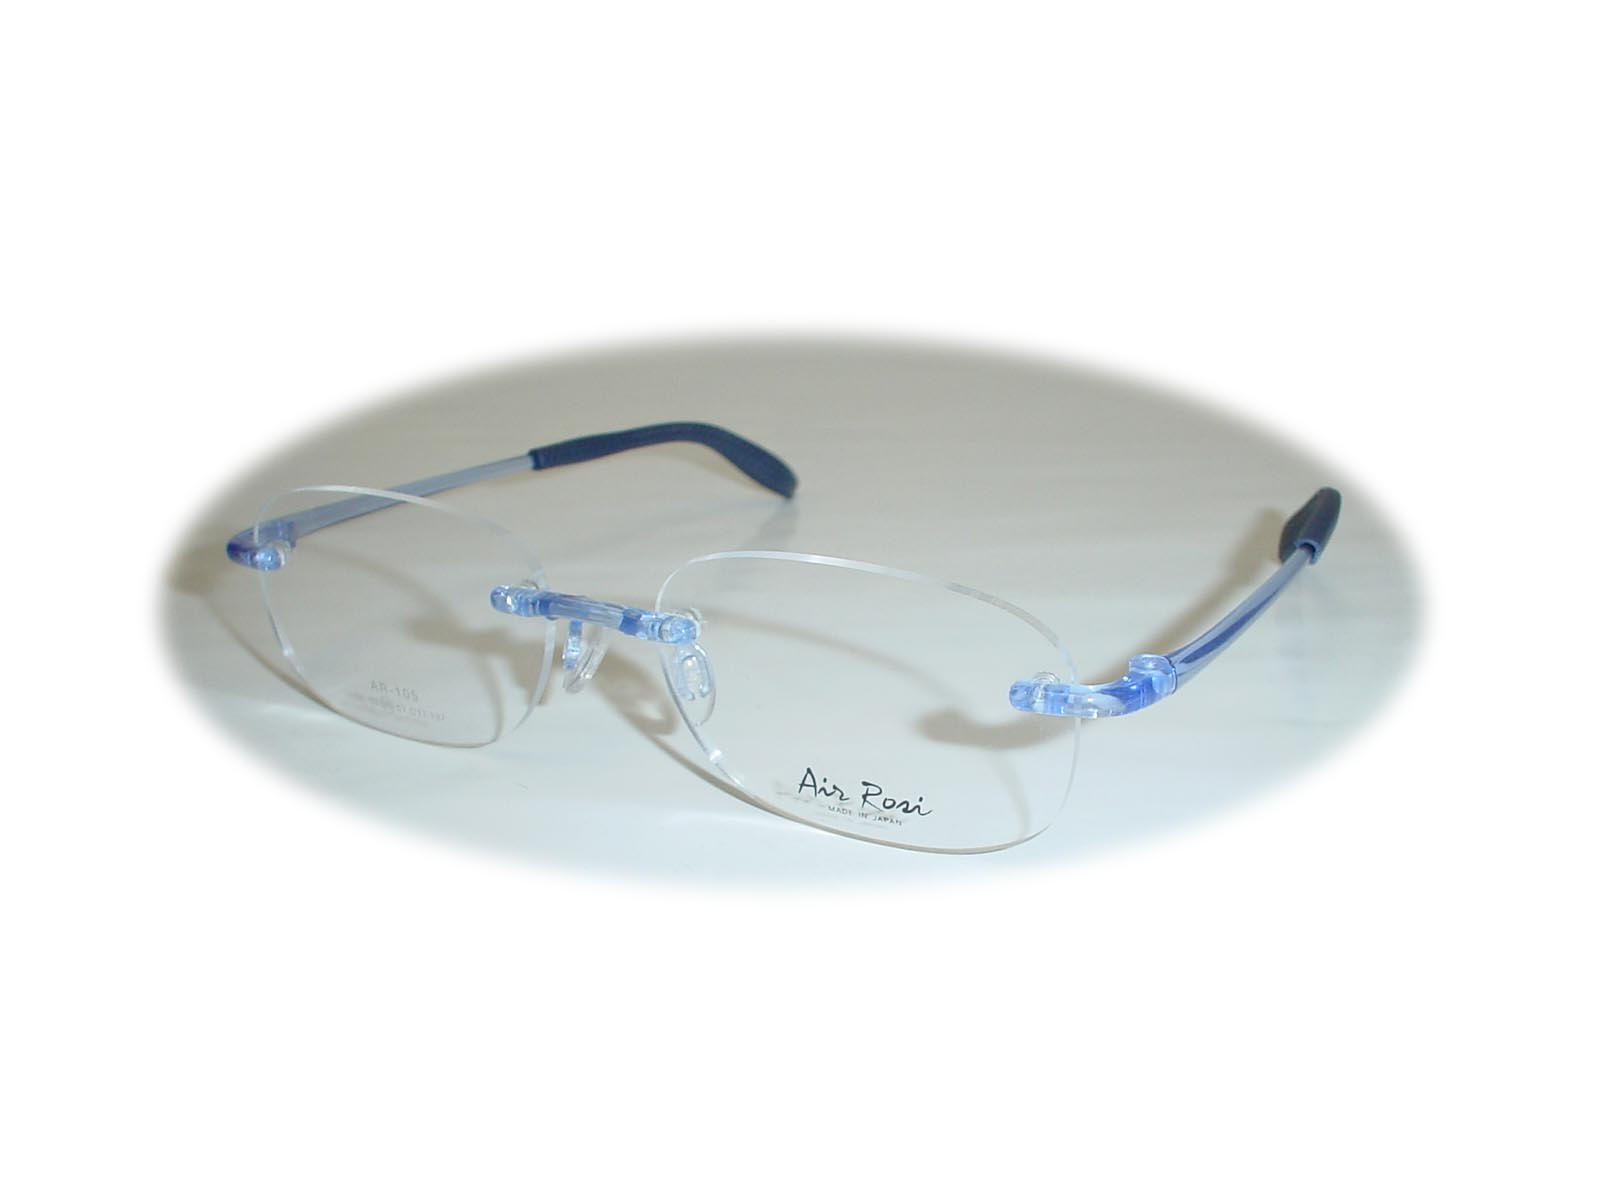 (超薄型非球面レンズ付き!)  Air Rosi(エアロジ) レンズ型AR103  53□17-137 カラー ブルーグロス(艶有)